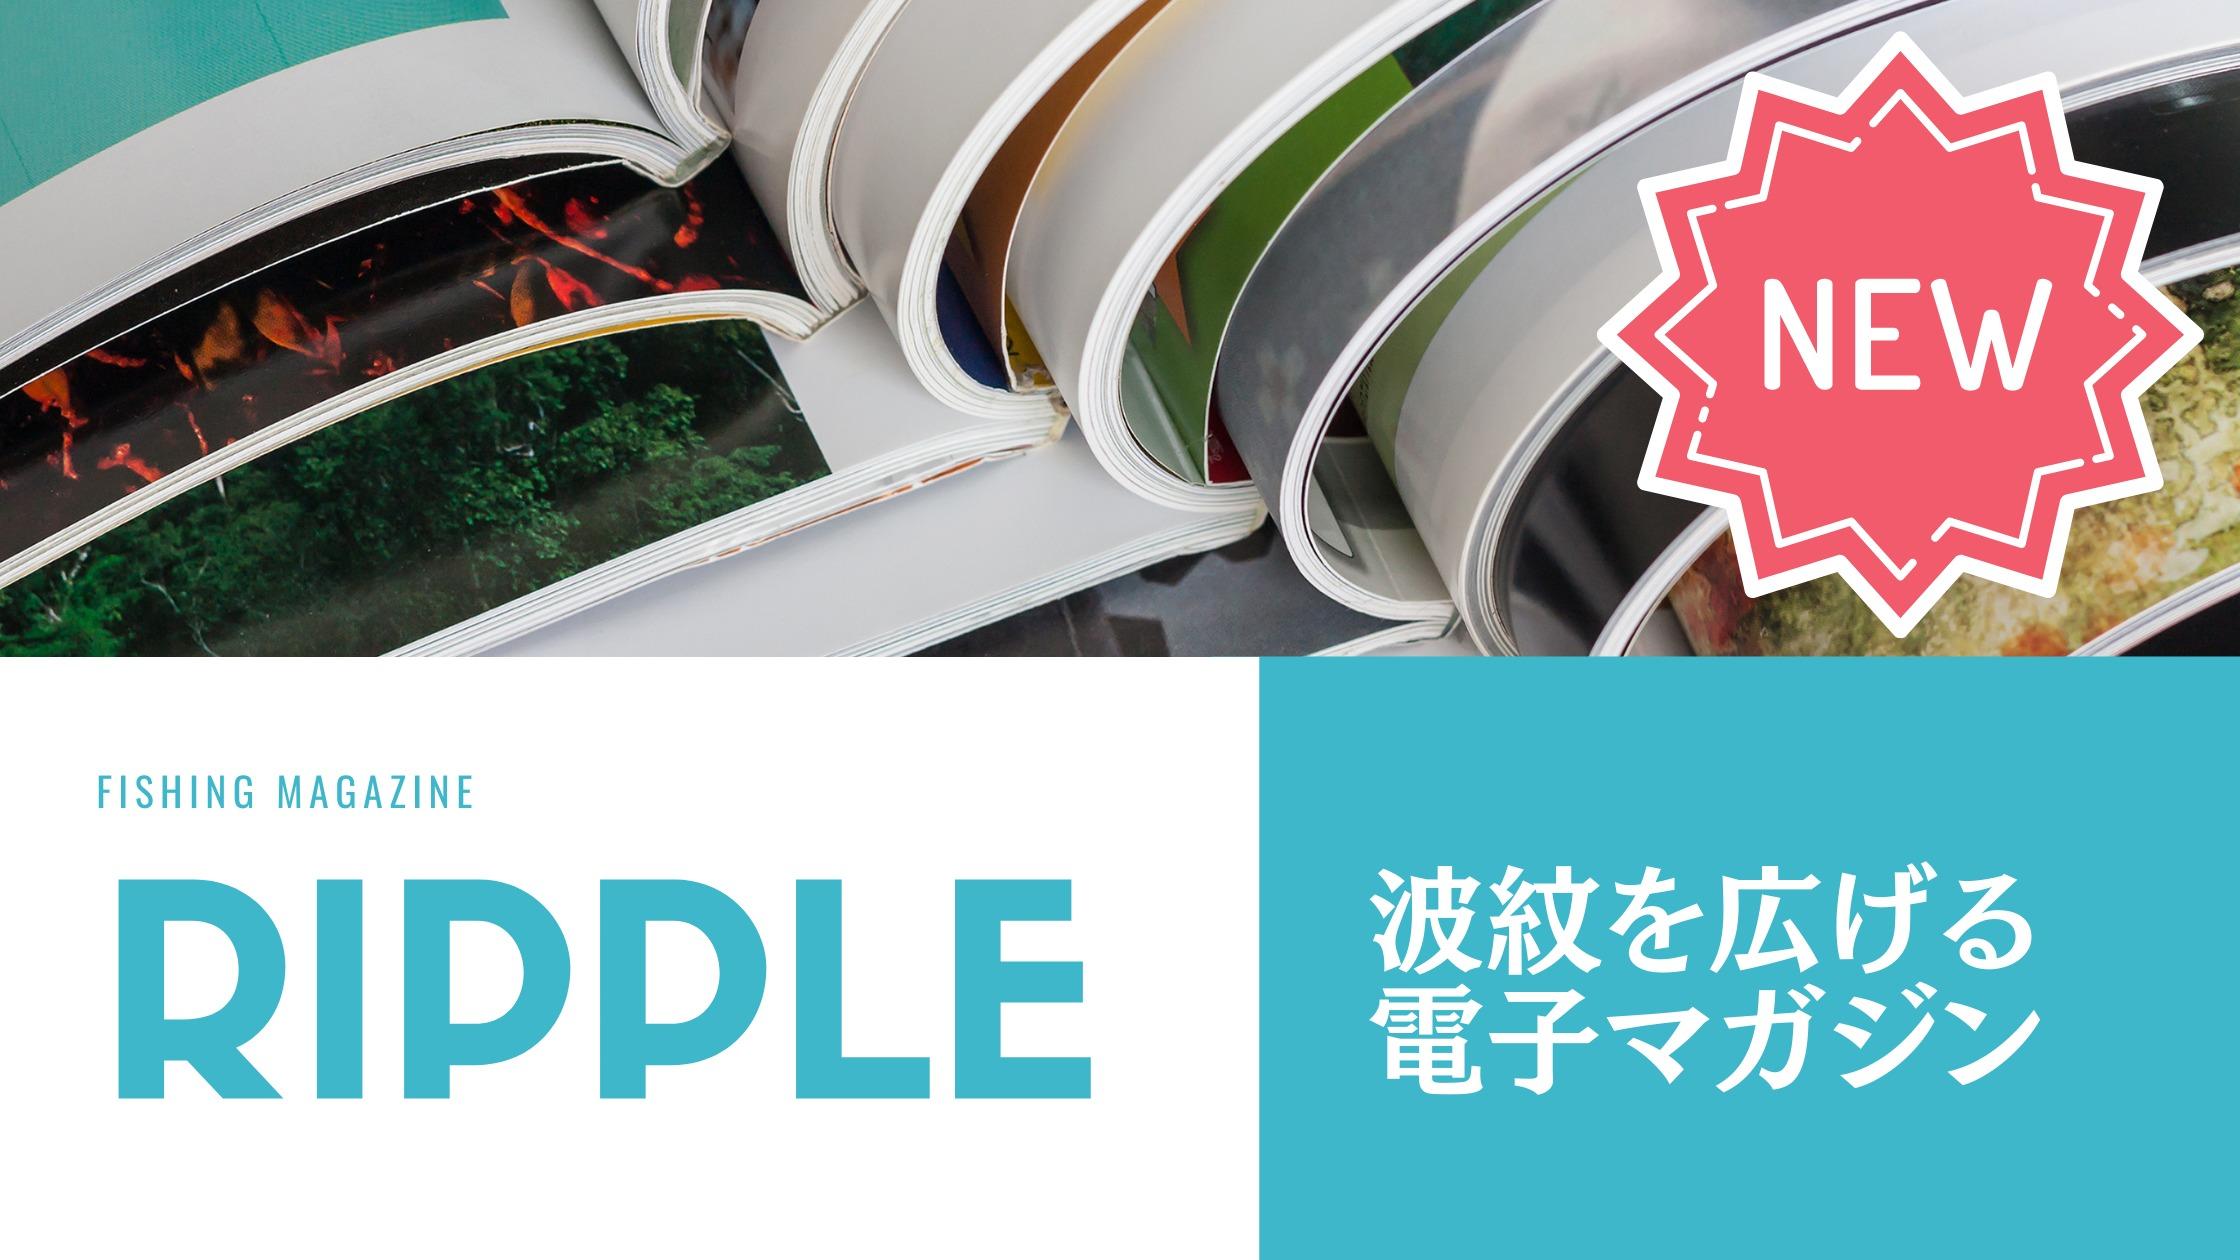 魚釣りと人との関係を追い求めるフリーマガジン「RIPPLE」を配信開始!